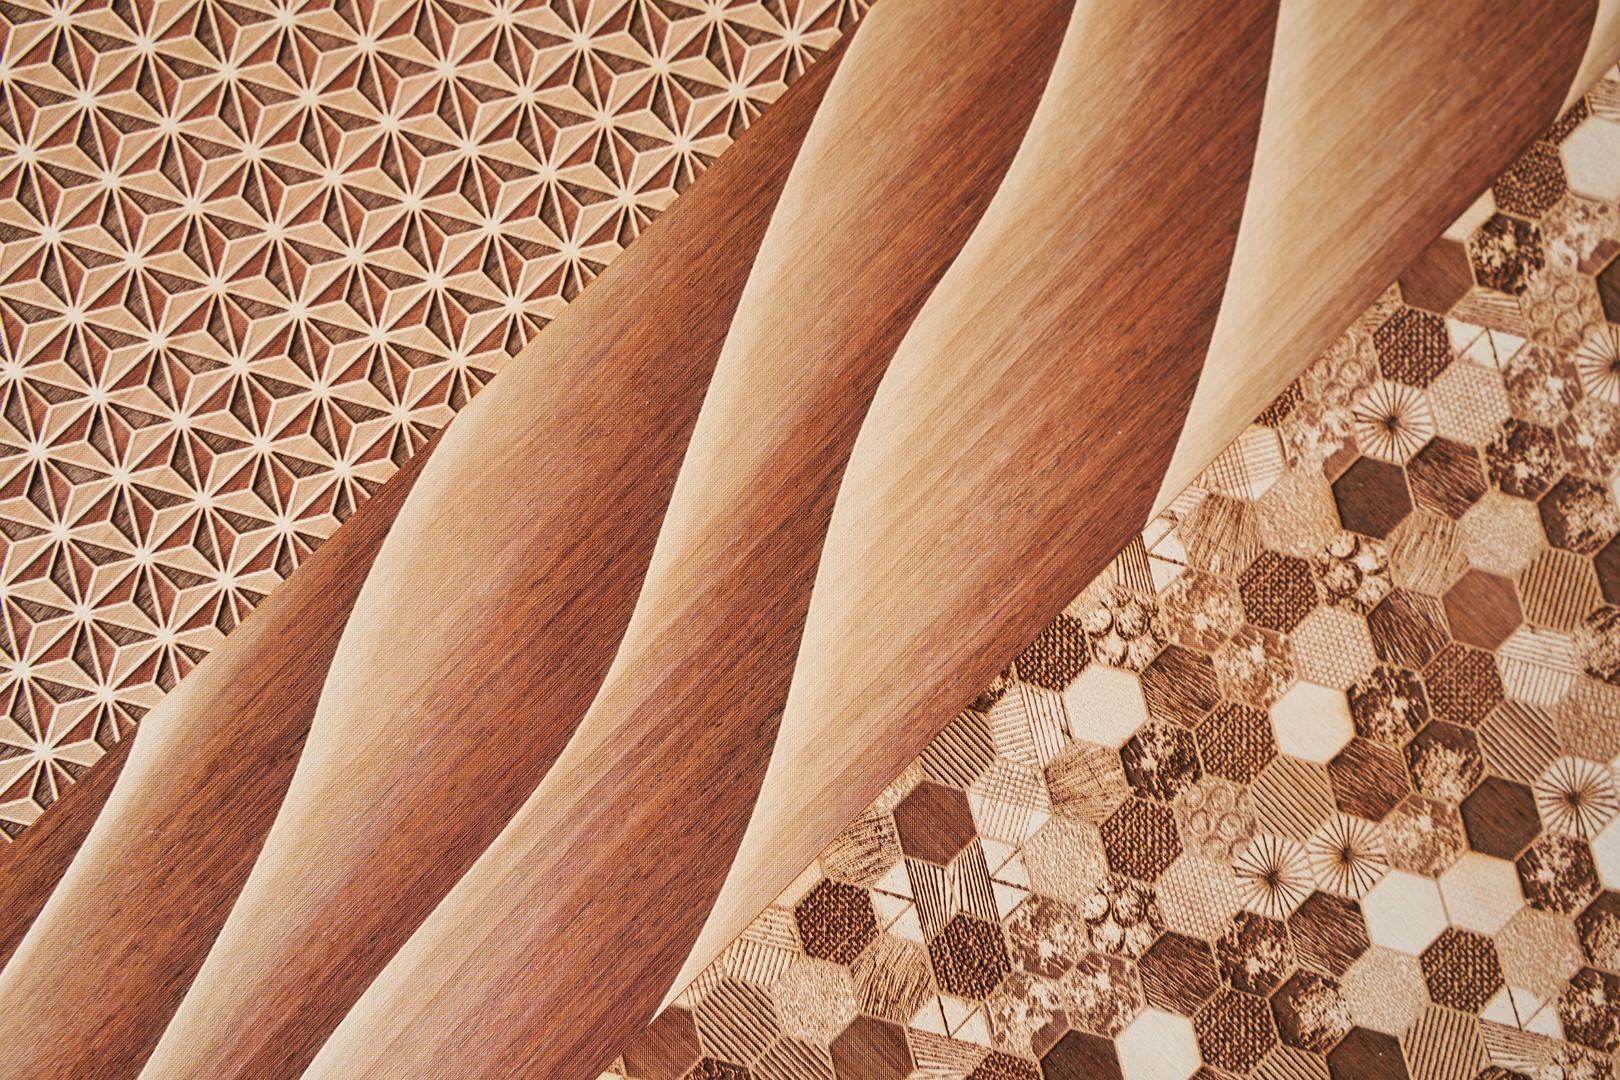 專利木質肌理技術